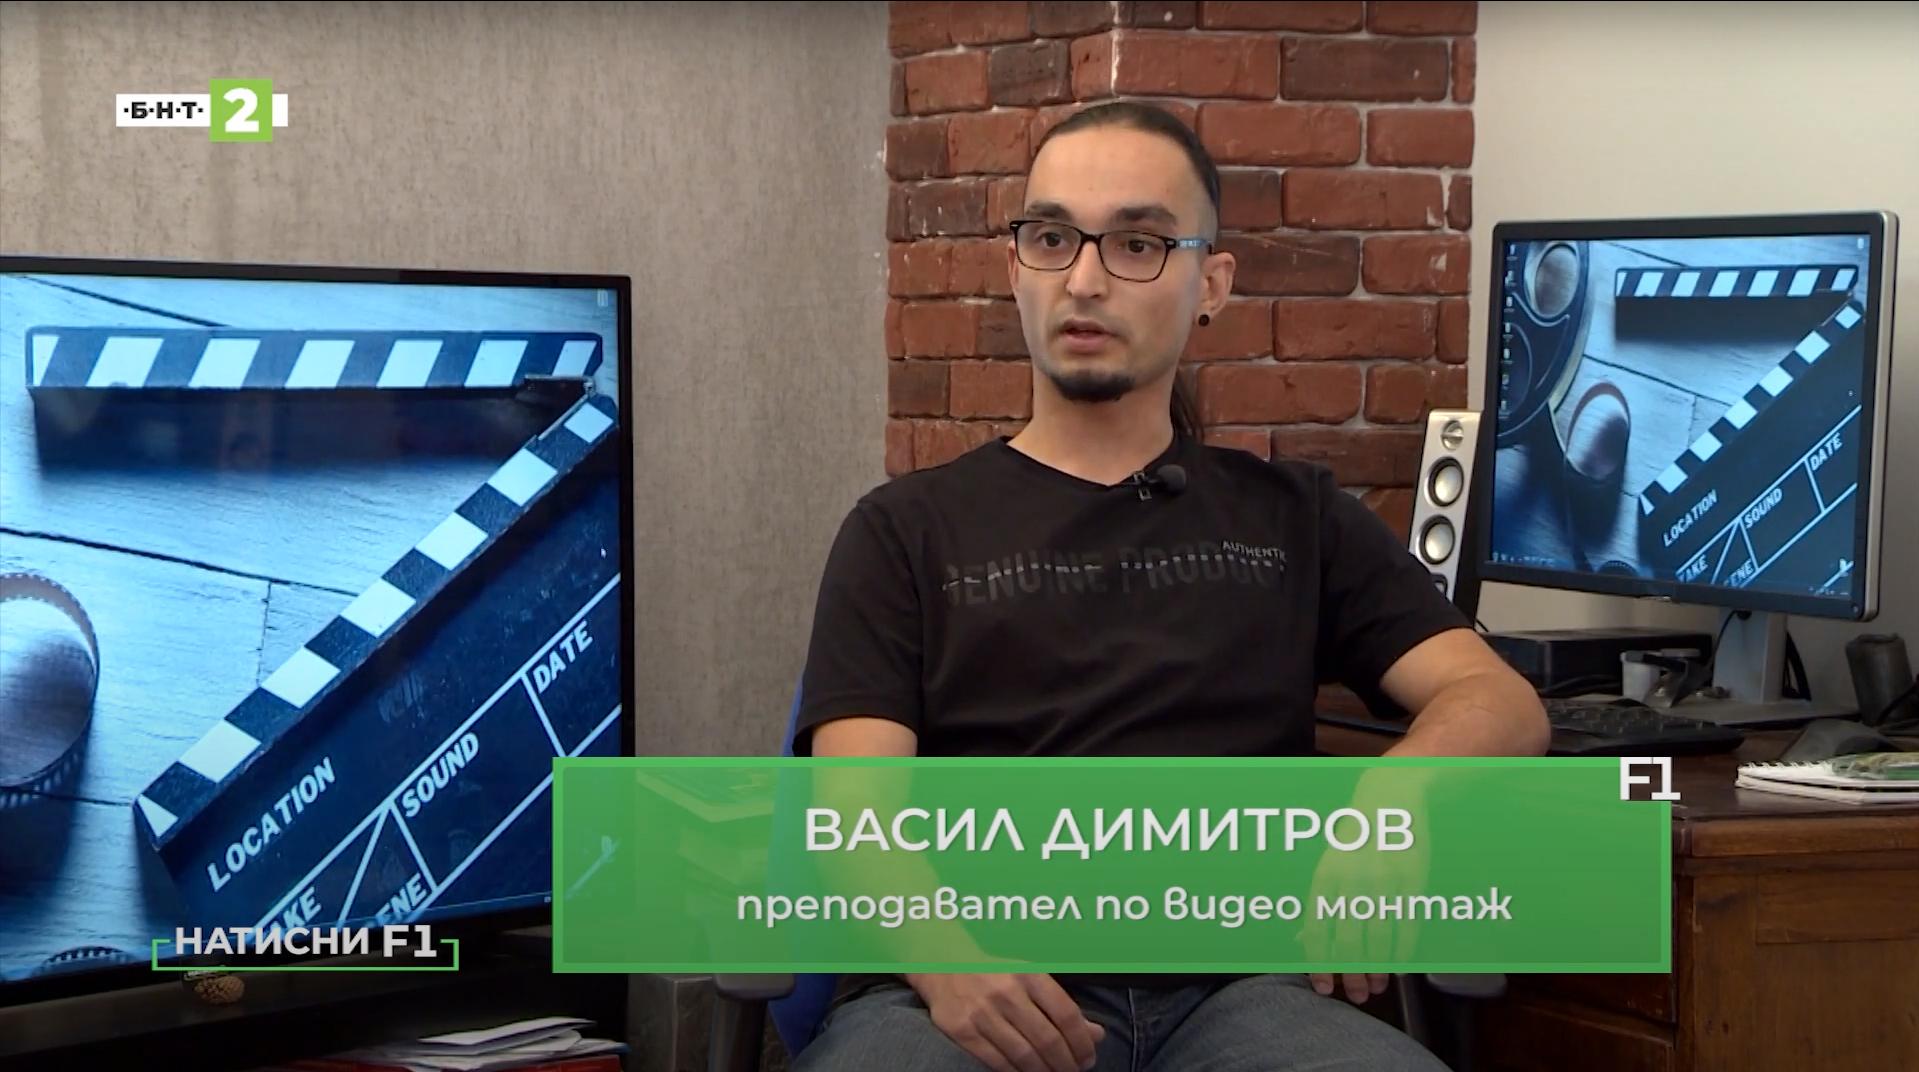 Безплатните програми за видео монтаж VideoPad и OpenShot - БНТ - Натисни F1 - Васил Димитров